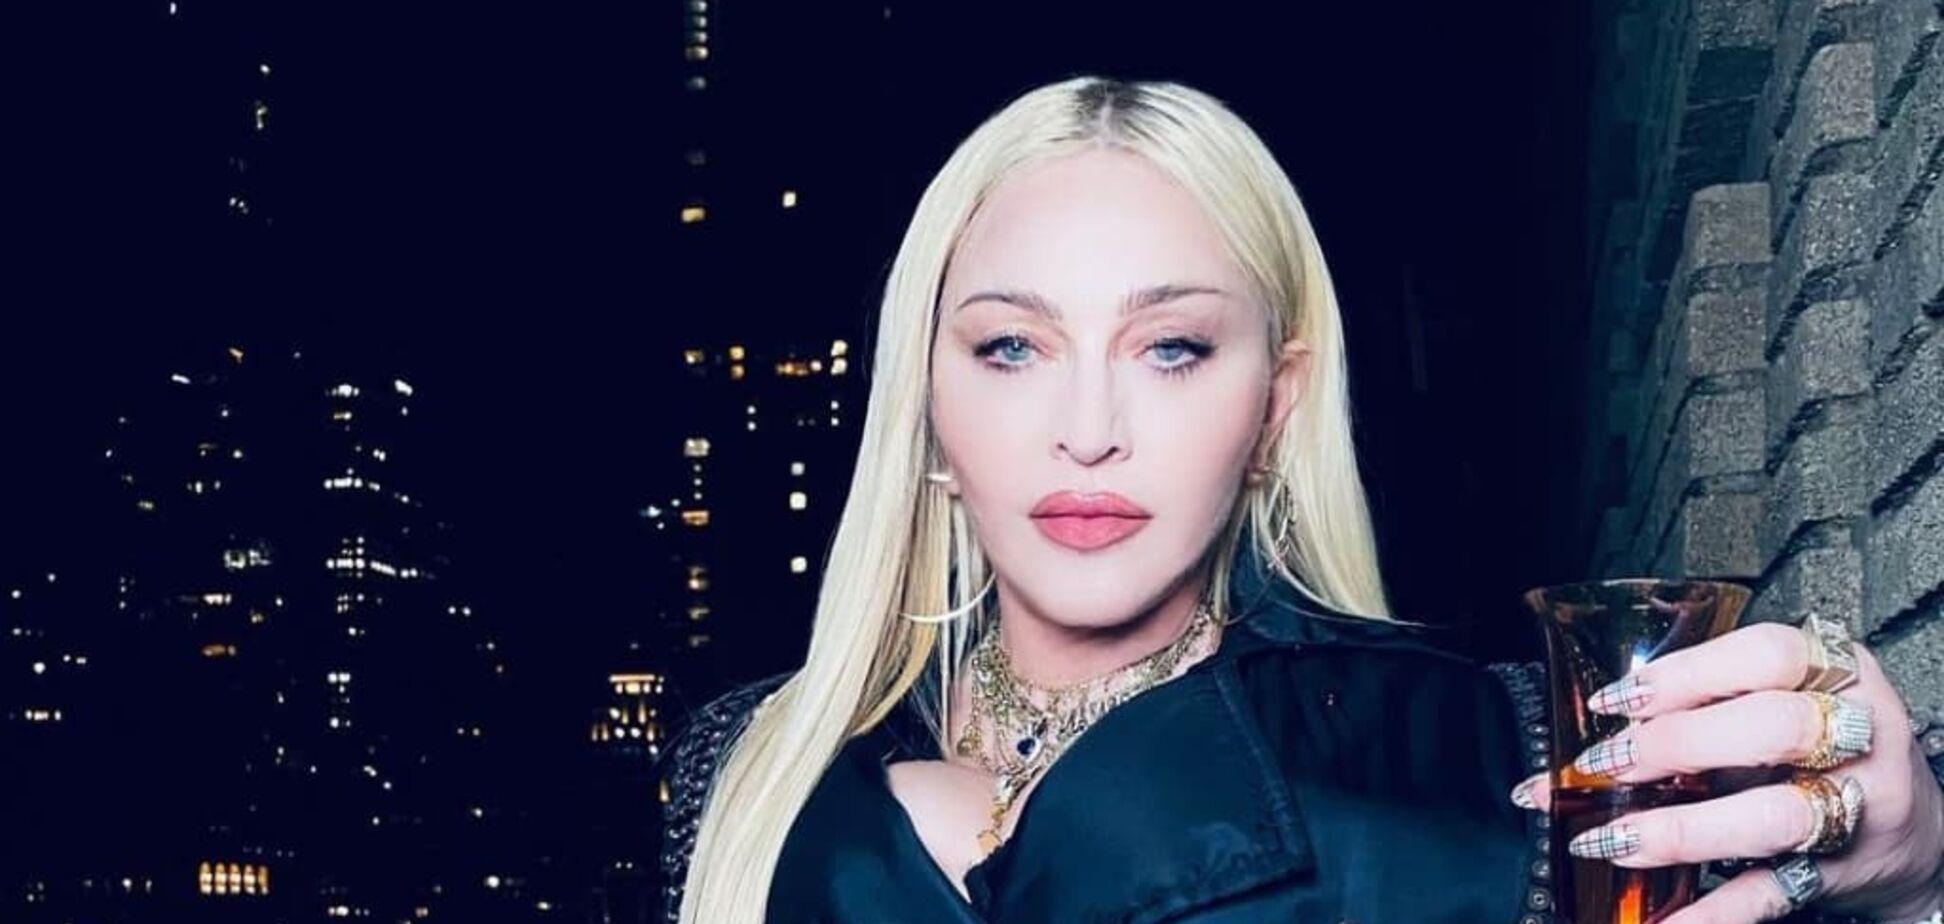 Мадонна в костюме Gucci и колготках в сетку похвасталась стройными ногами